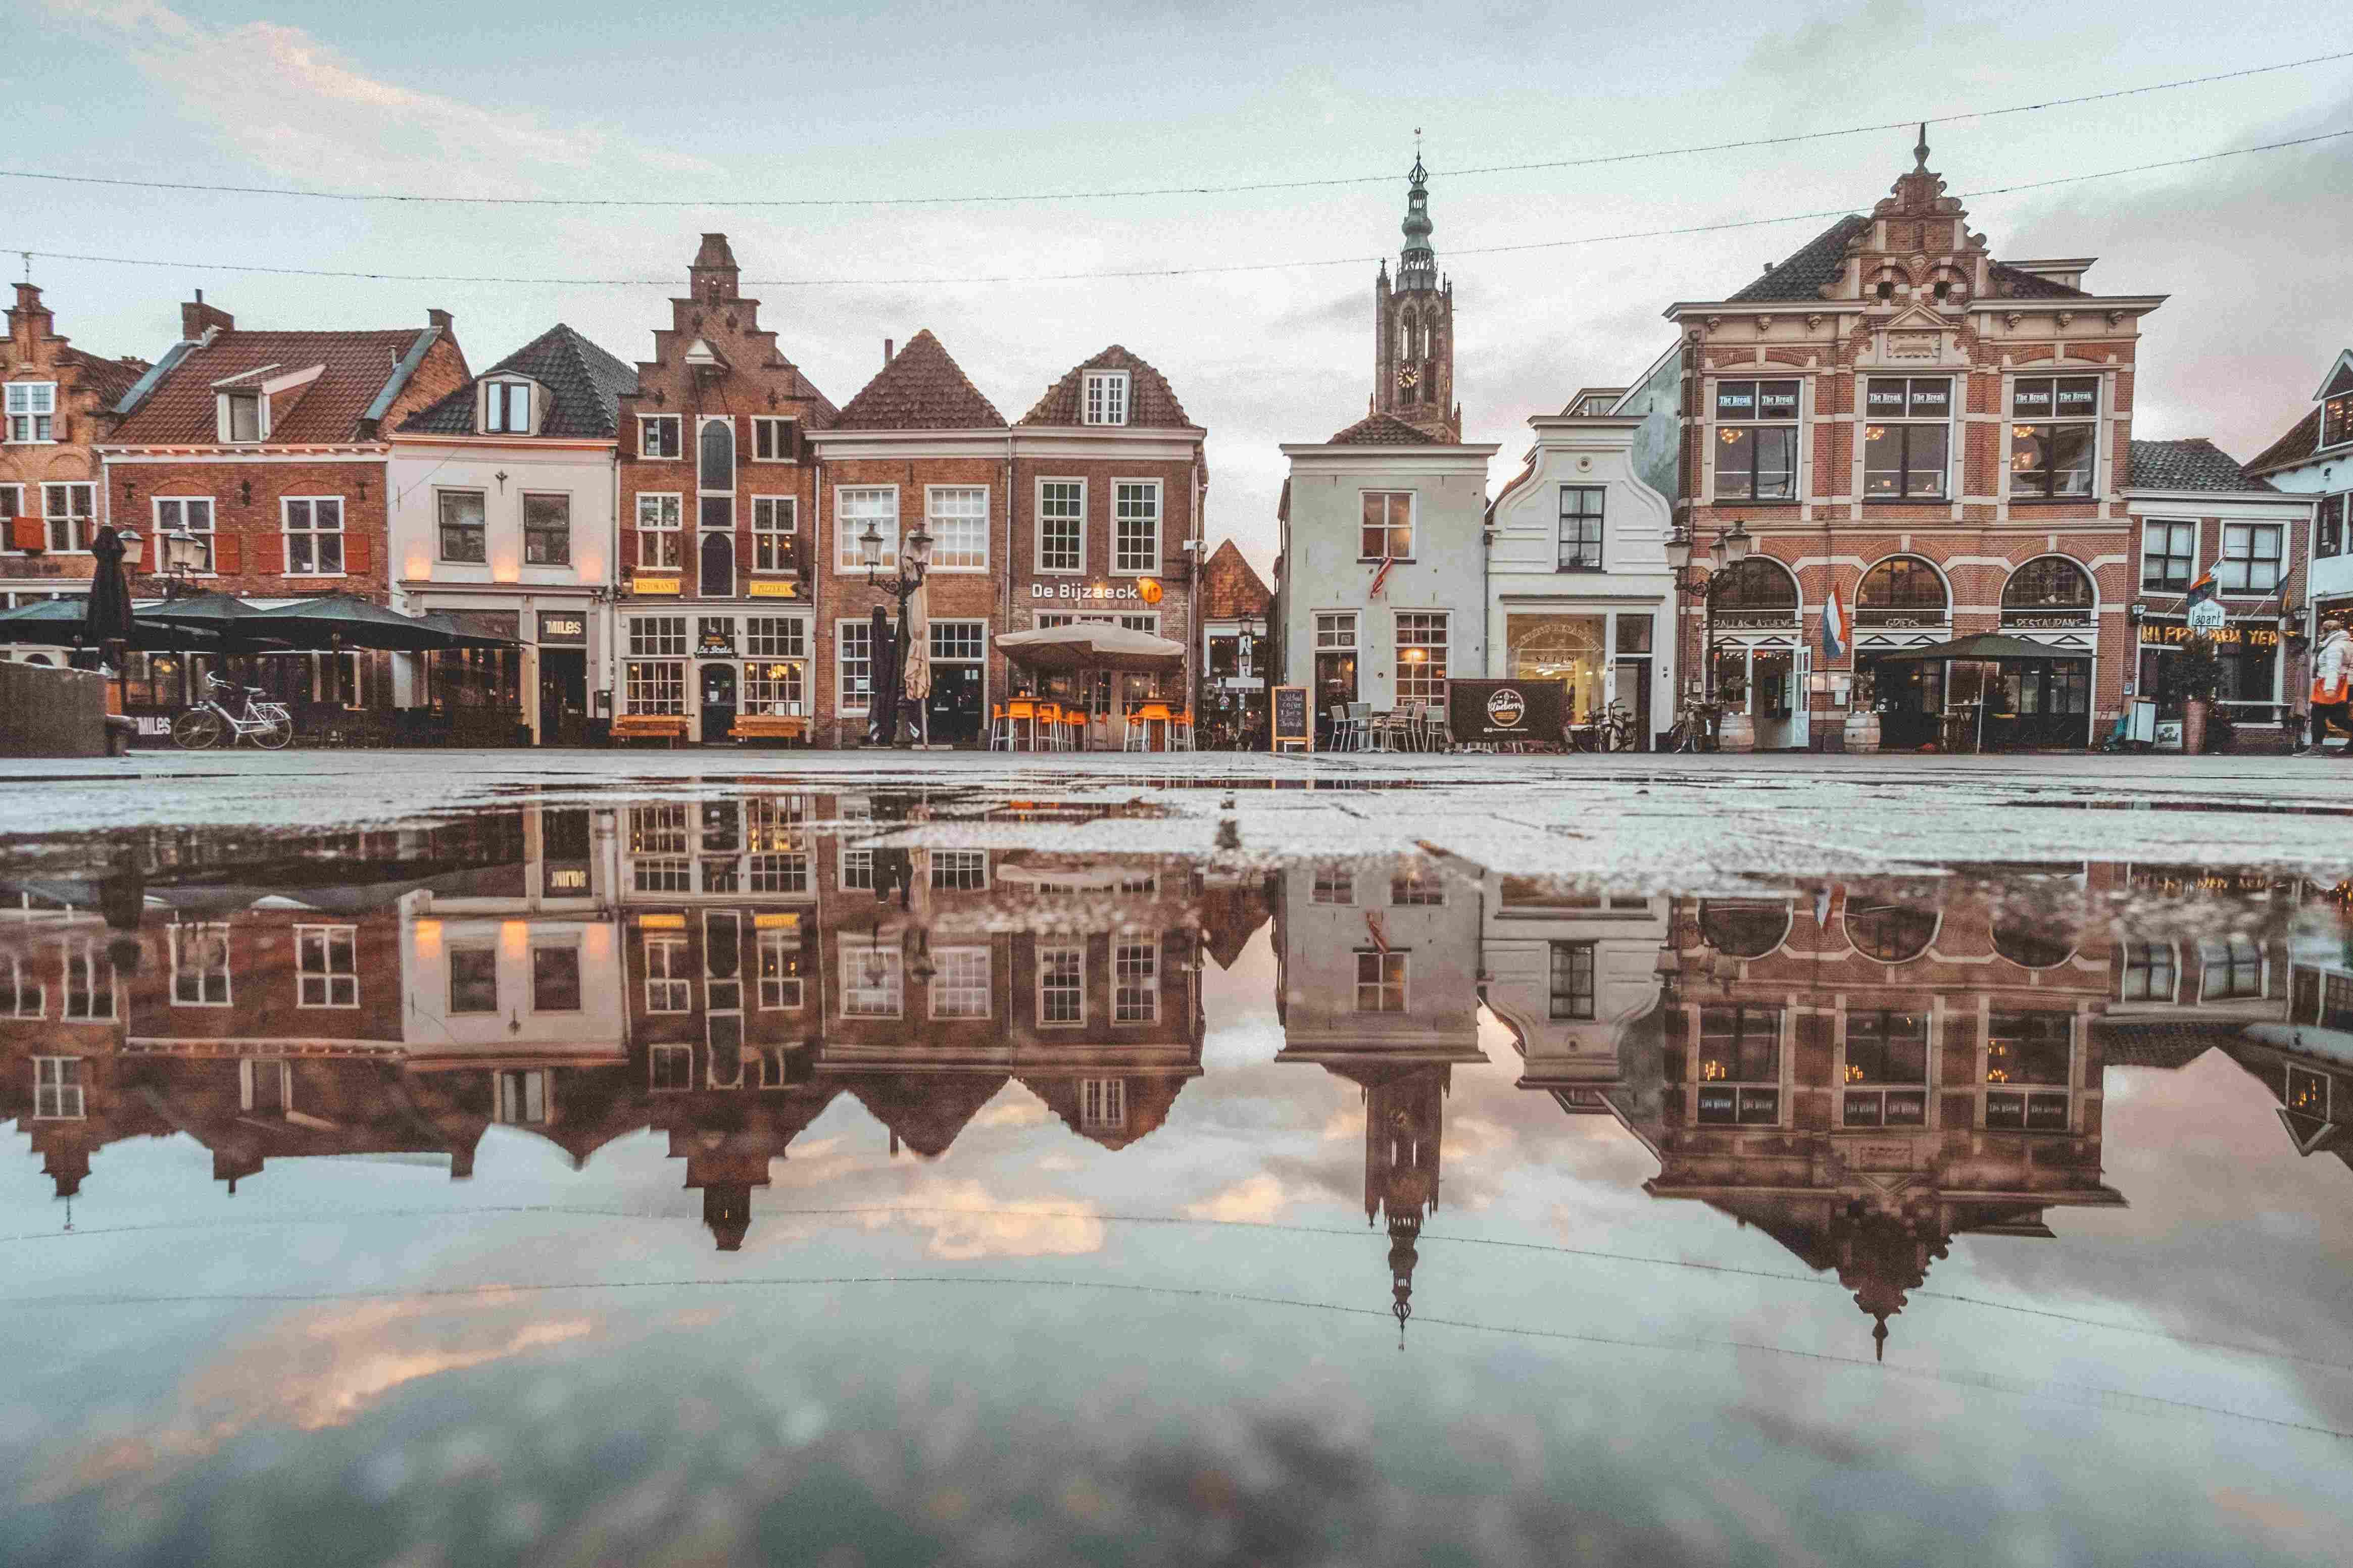 Arquitetura típica na Holanda